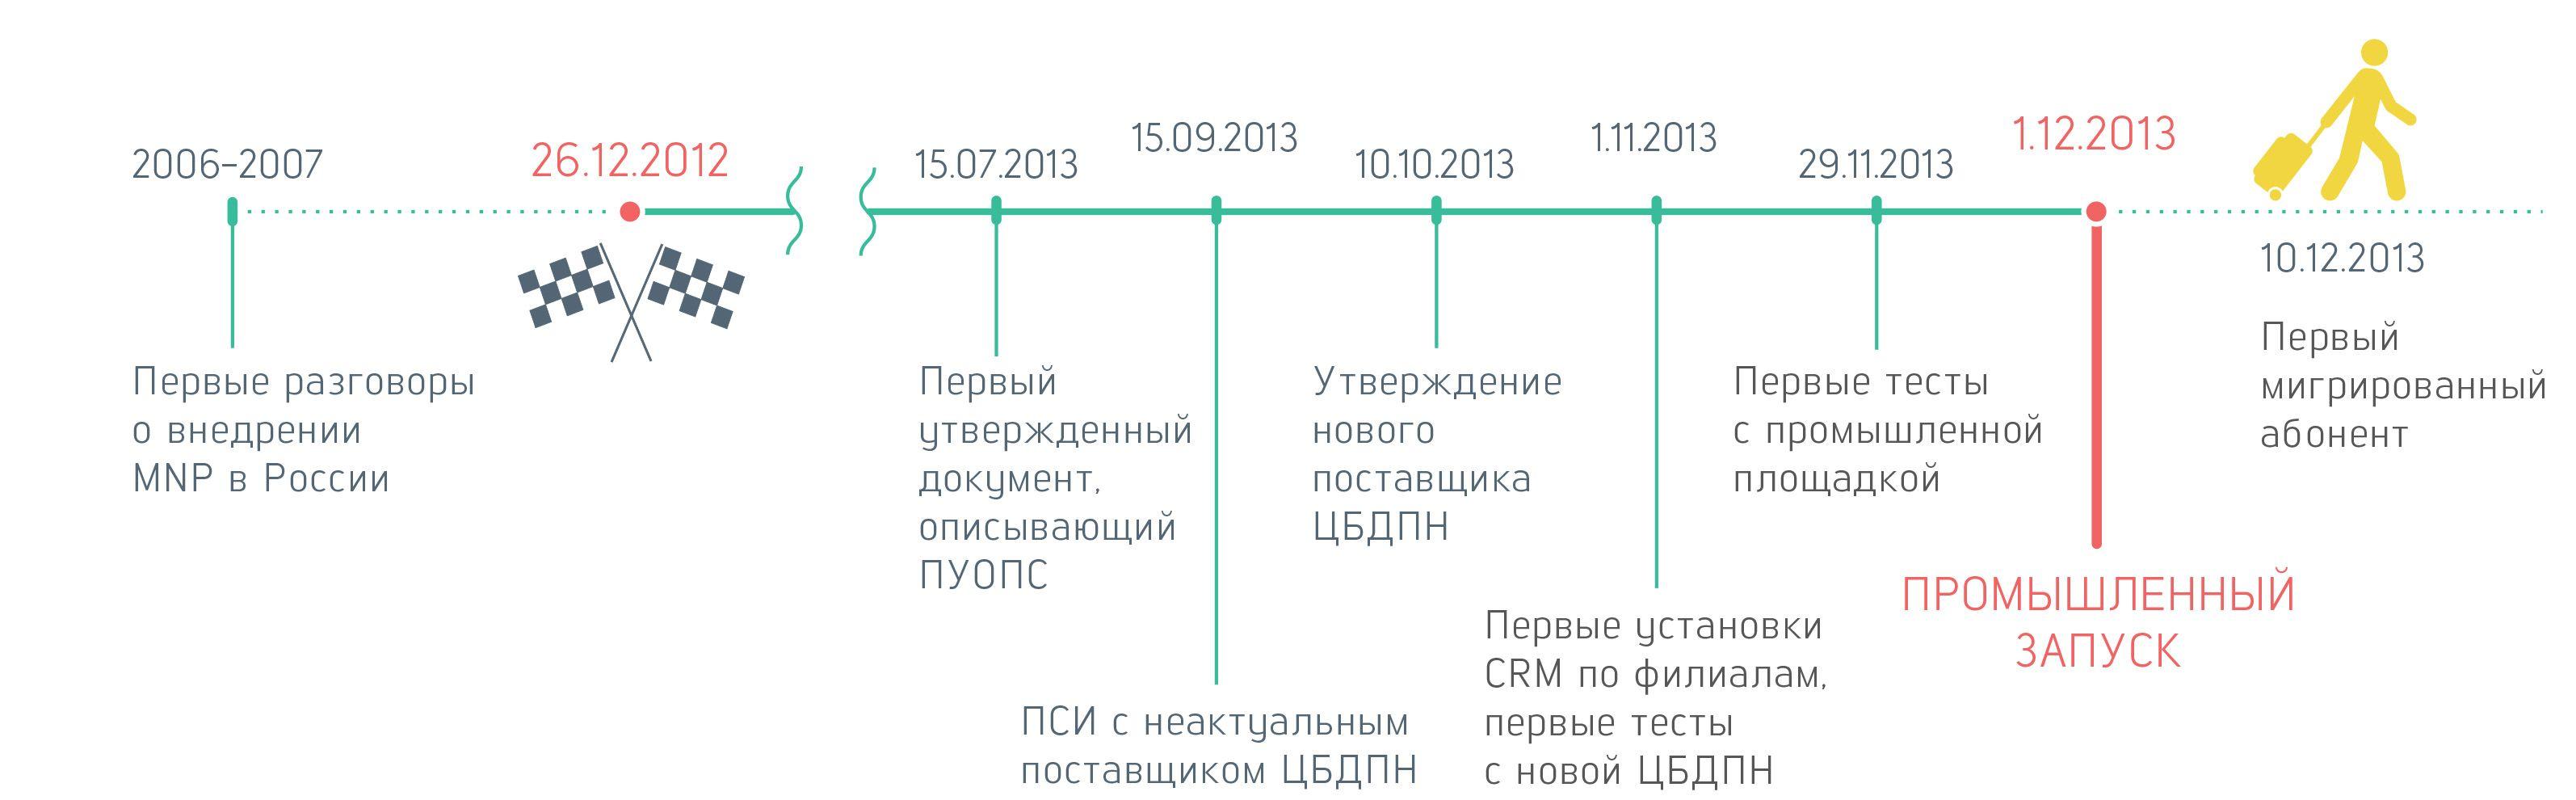 инфографика для размещения на сайте